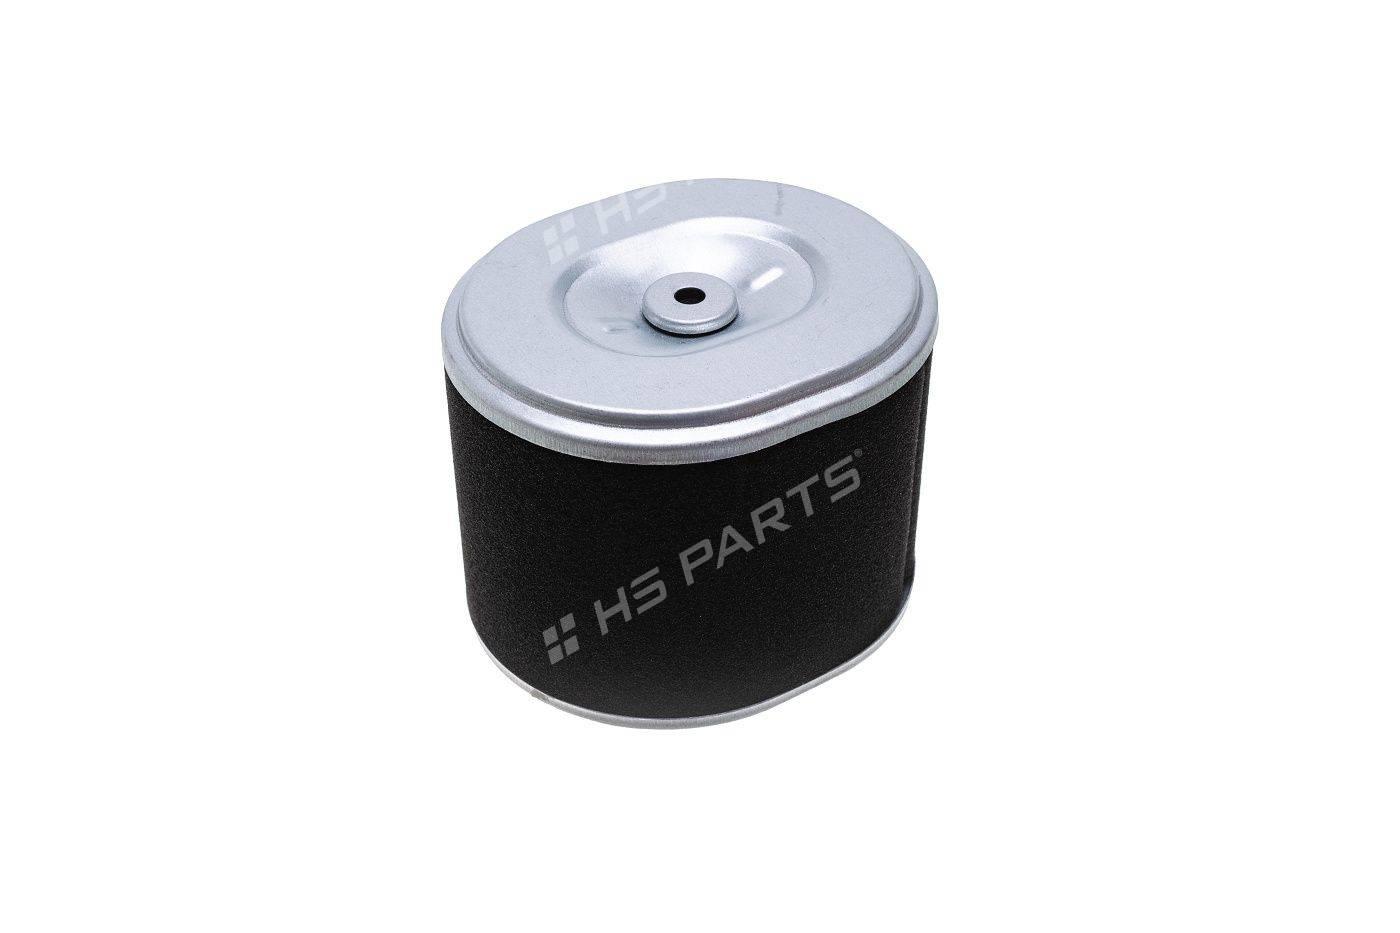 Vzduchový filter Honda GX 340 GX 390 11 HP & 13 HP 17210-ZE3-505 17210ZE3010